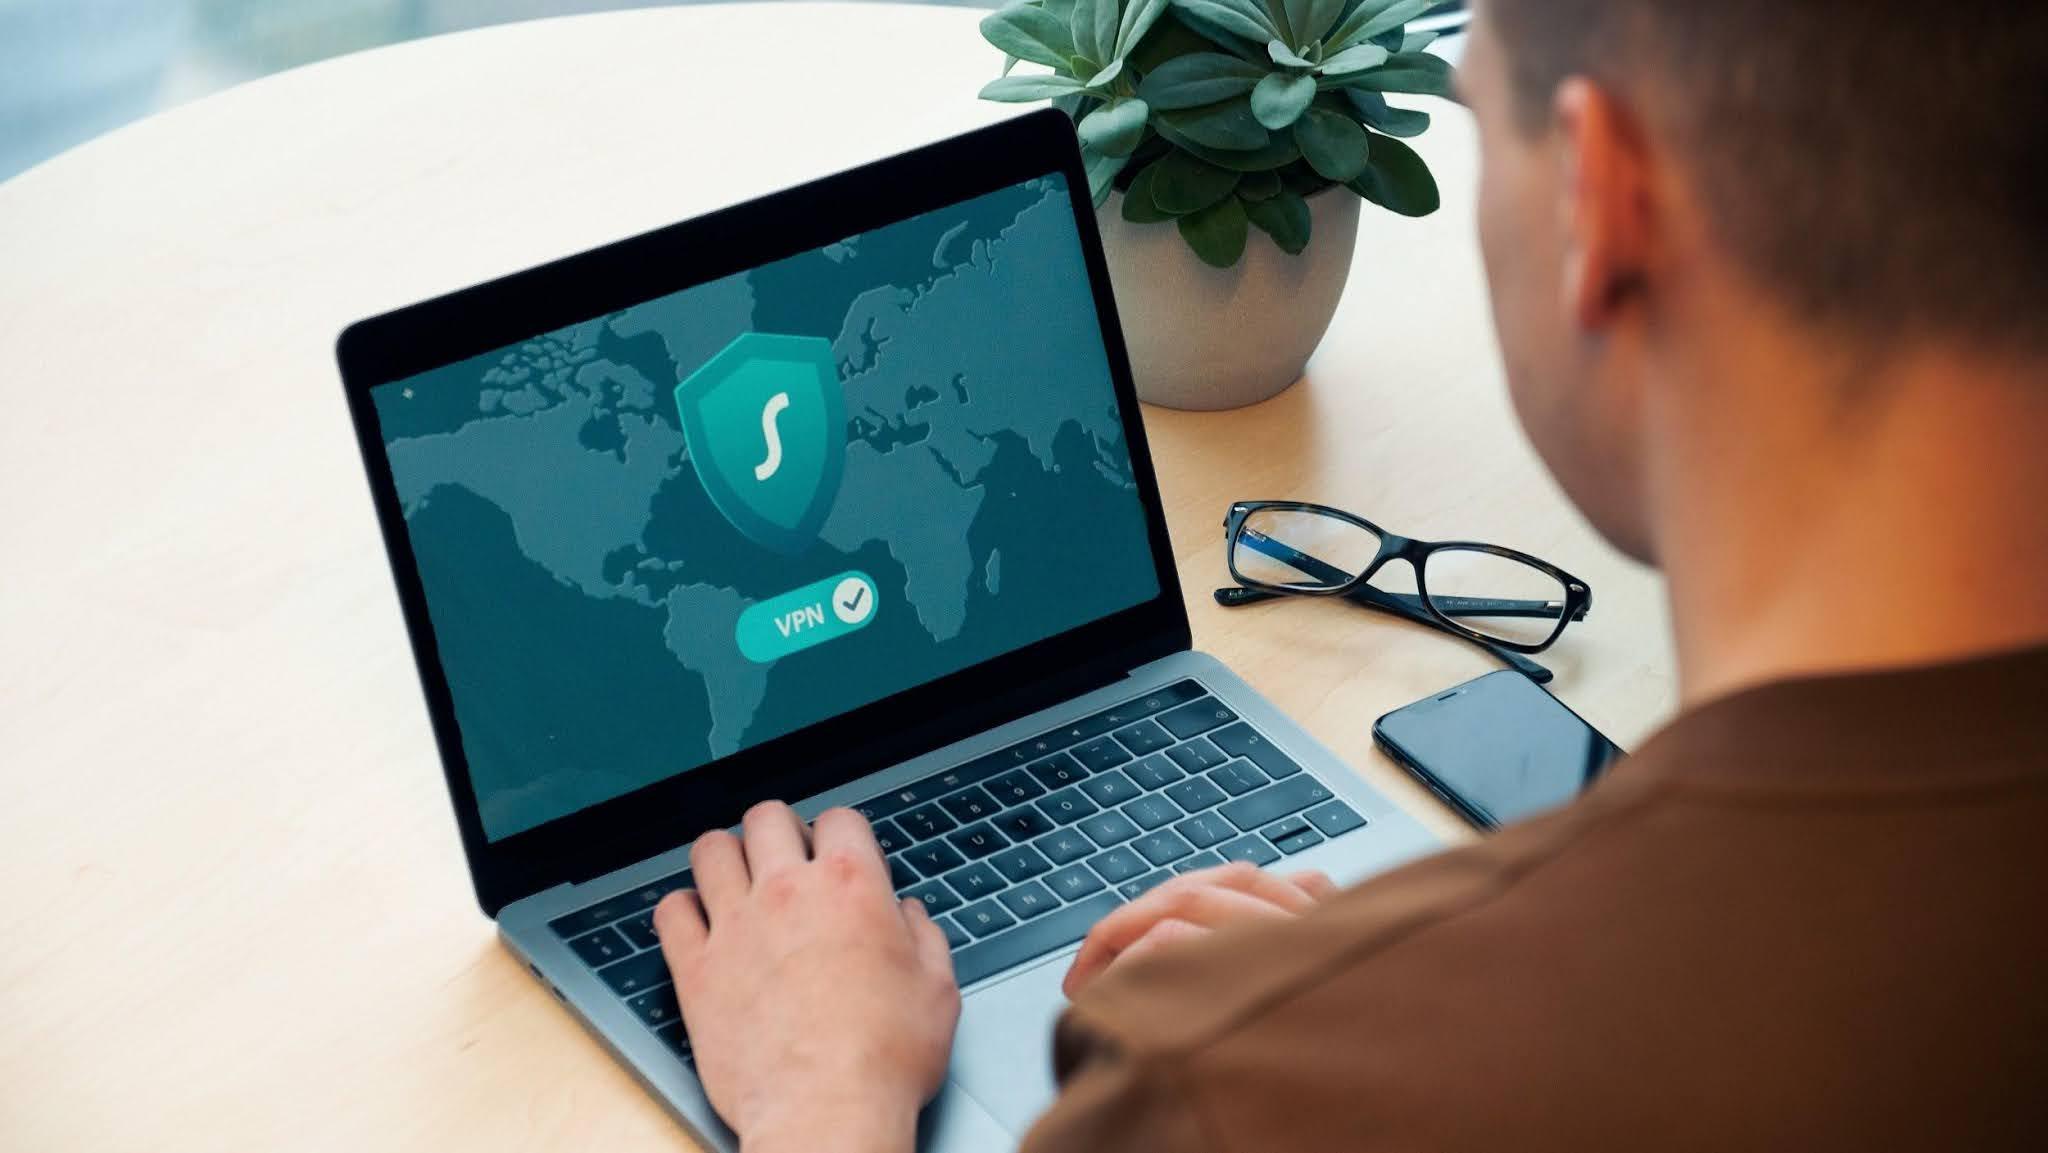 Homem acessando a internet em notebook através de uma VPN